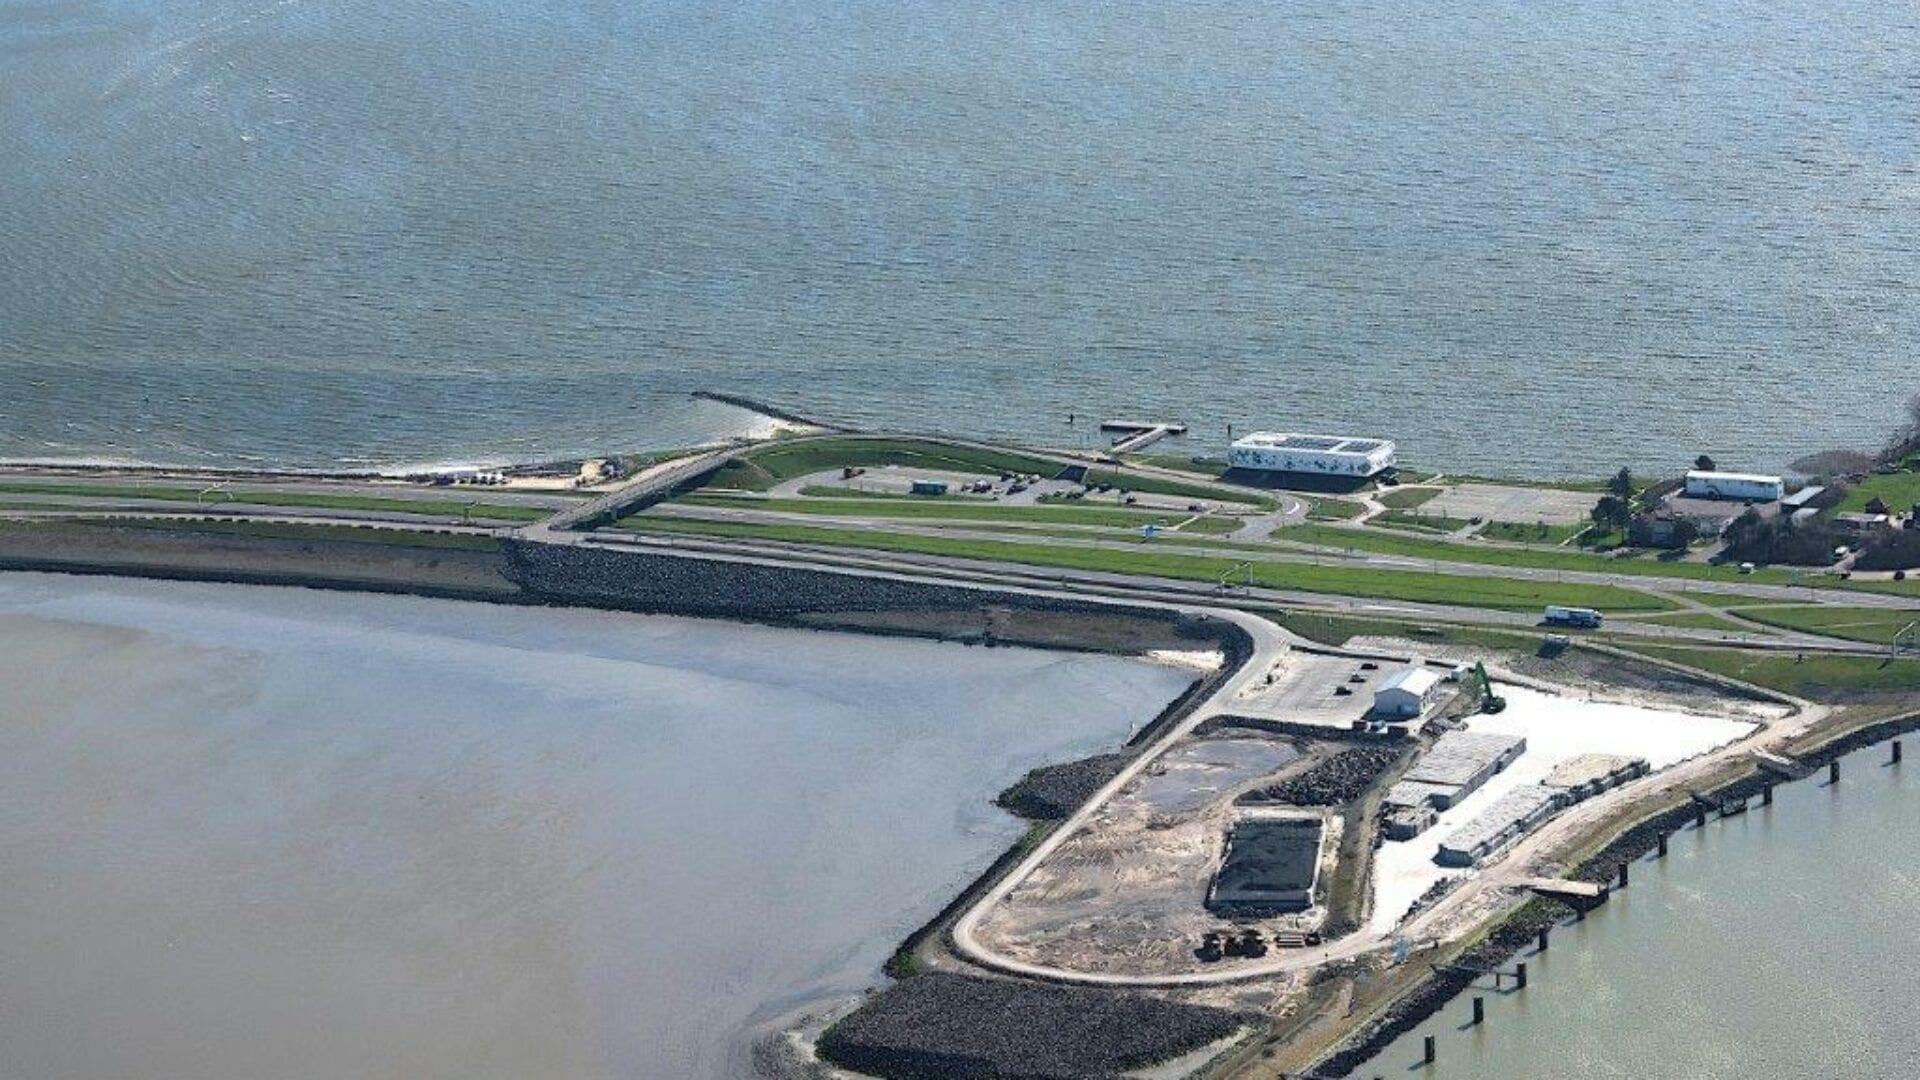 Luchtfoto van de Afsluitdijk. Deze is van boven genomen bij Kornwerderzand, specifiek DNA. In beeld zie je een bouwterrein van het werkeiland, een museum (Het Afsluitdijk Wadden Center) en het kantoor van De Nieuwe Afsluitdijk.